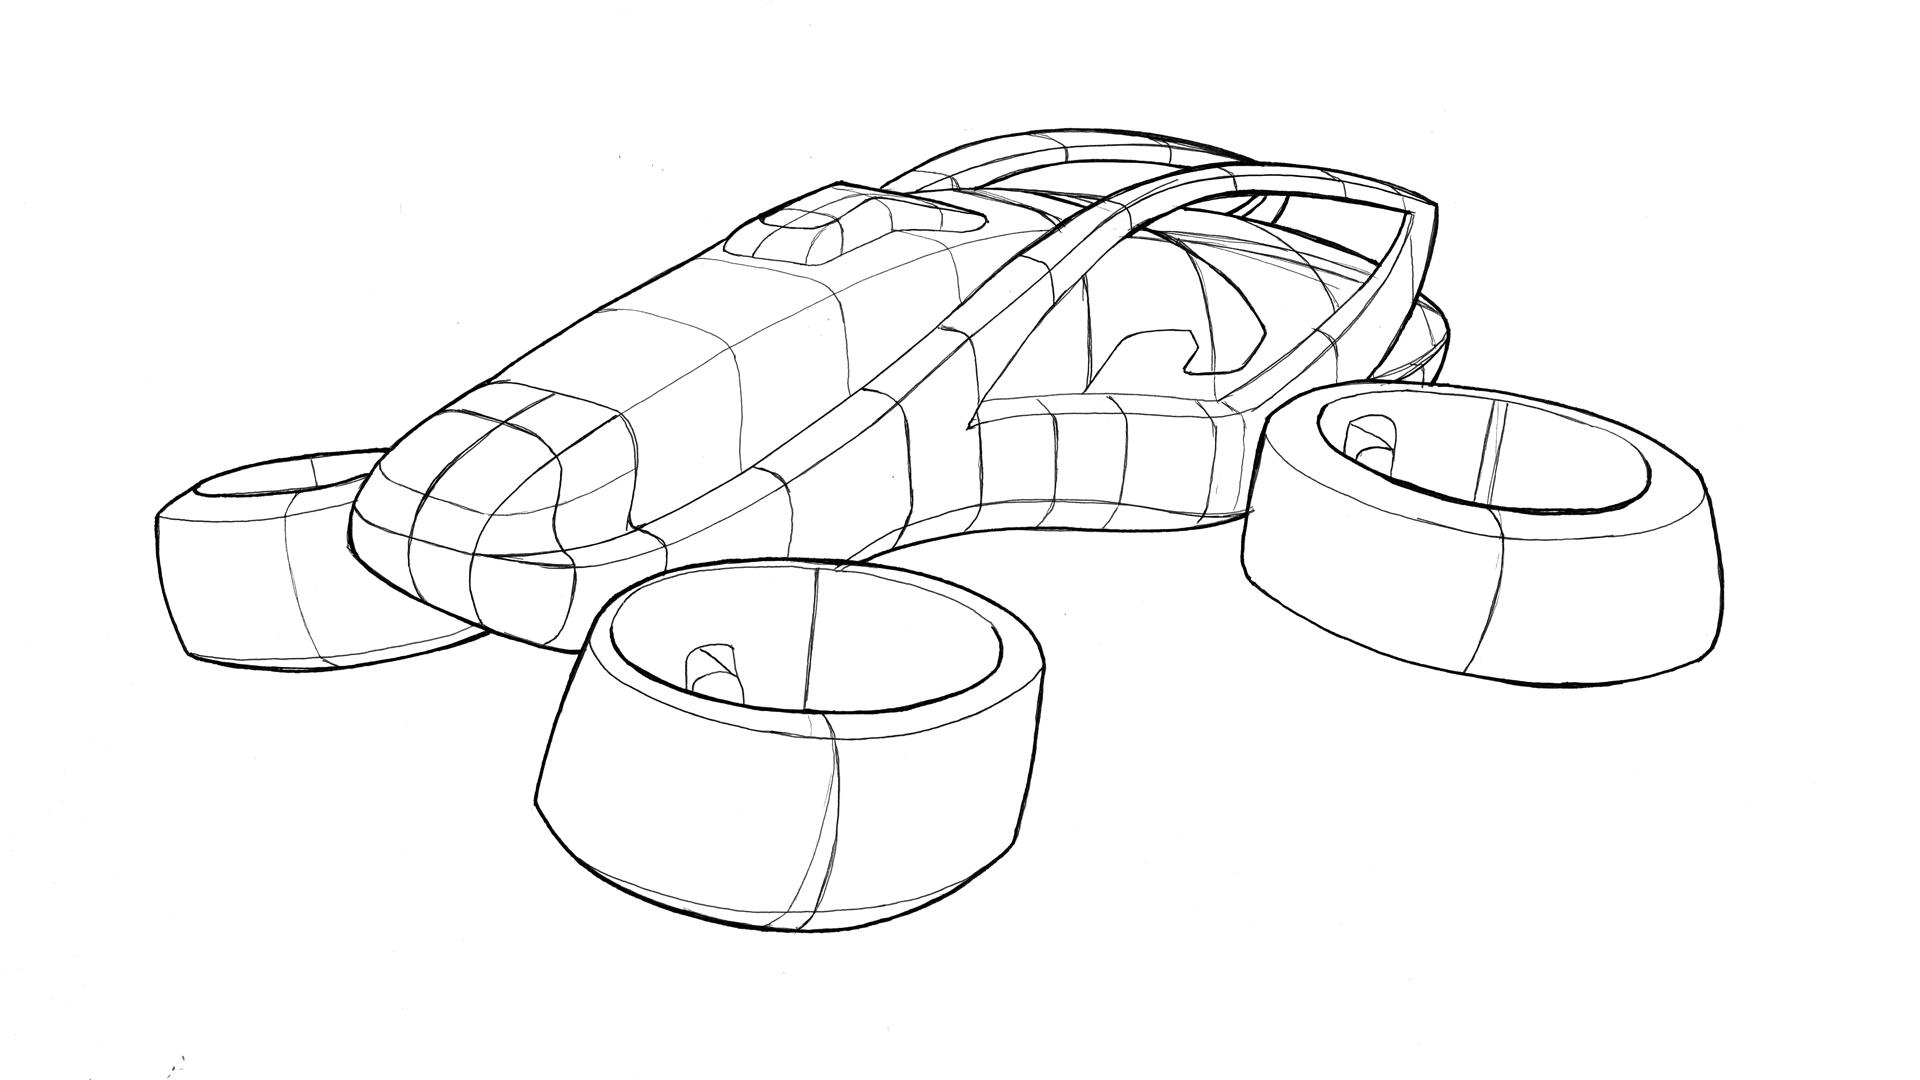 drone-hand-sketch_web